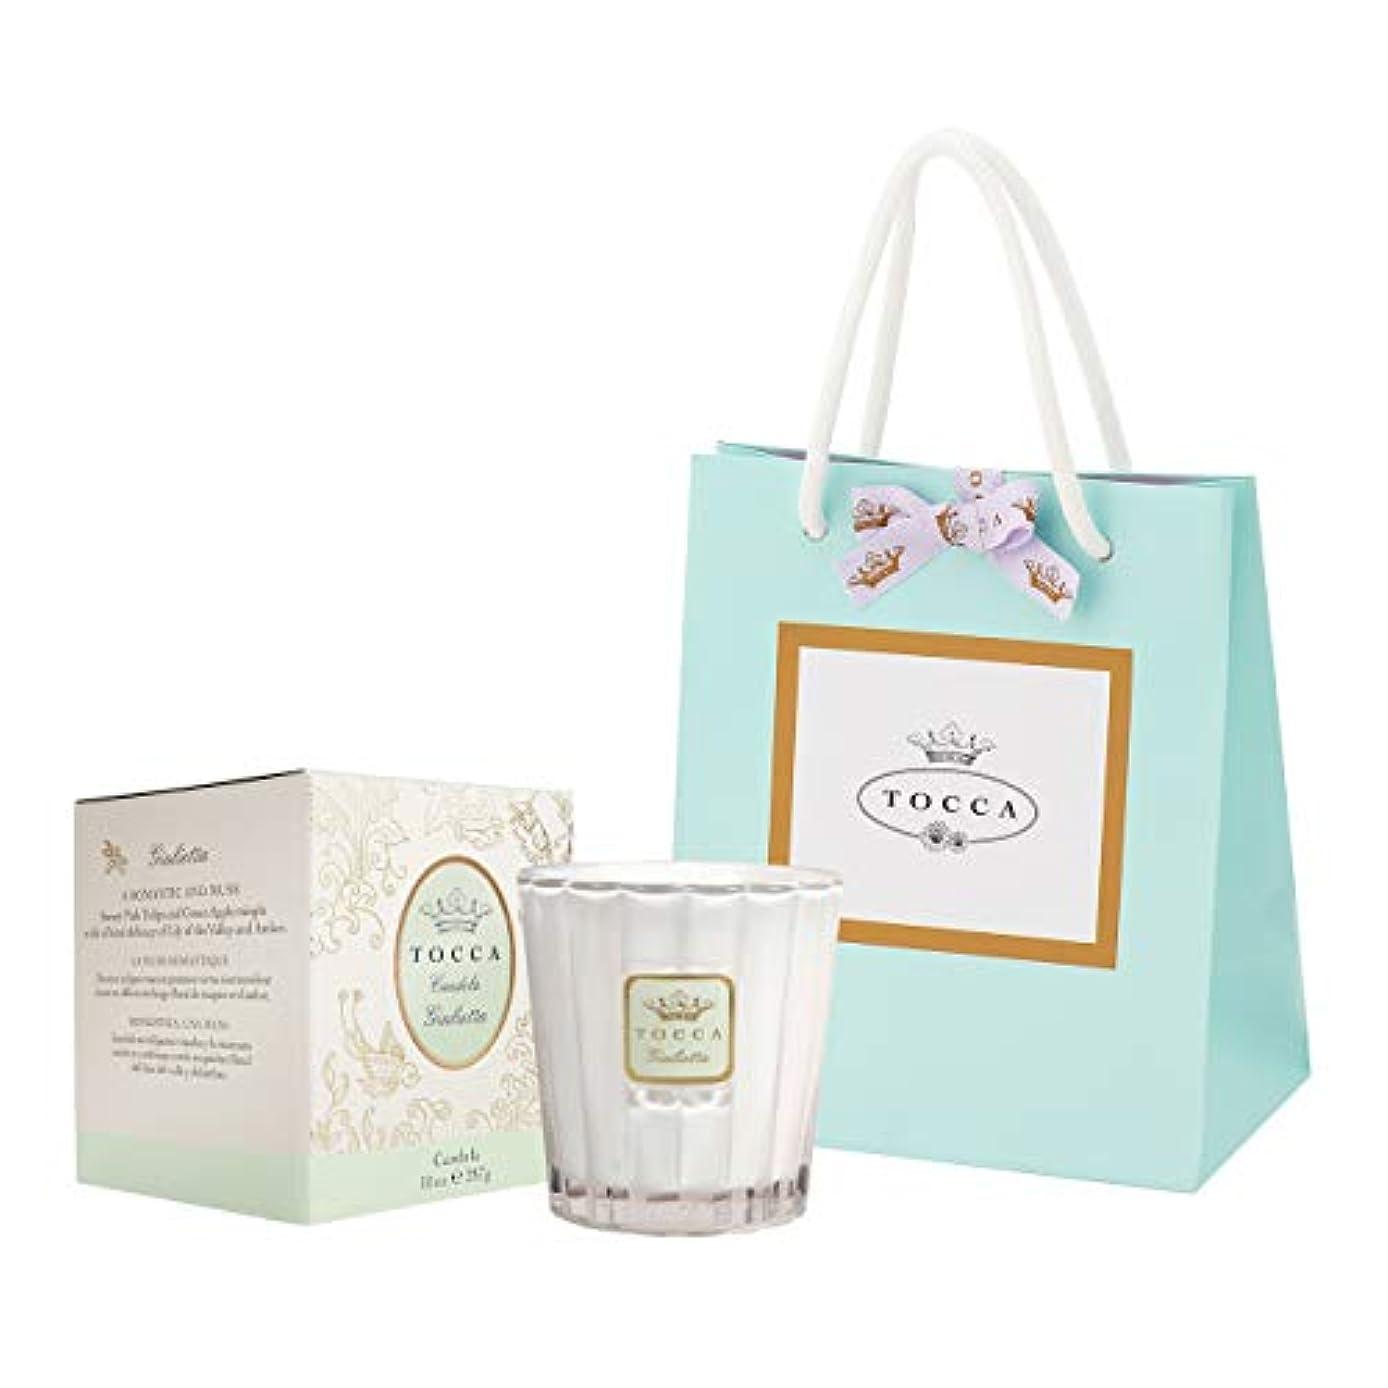 同意花瓶シンプトントッカ(TOCCA) キャンドル ジュリエッタの香り 約287g ショッパー付 (ろうそく ギフト 手提袋付 爽やかで甘い香り)